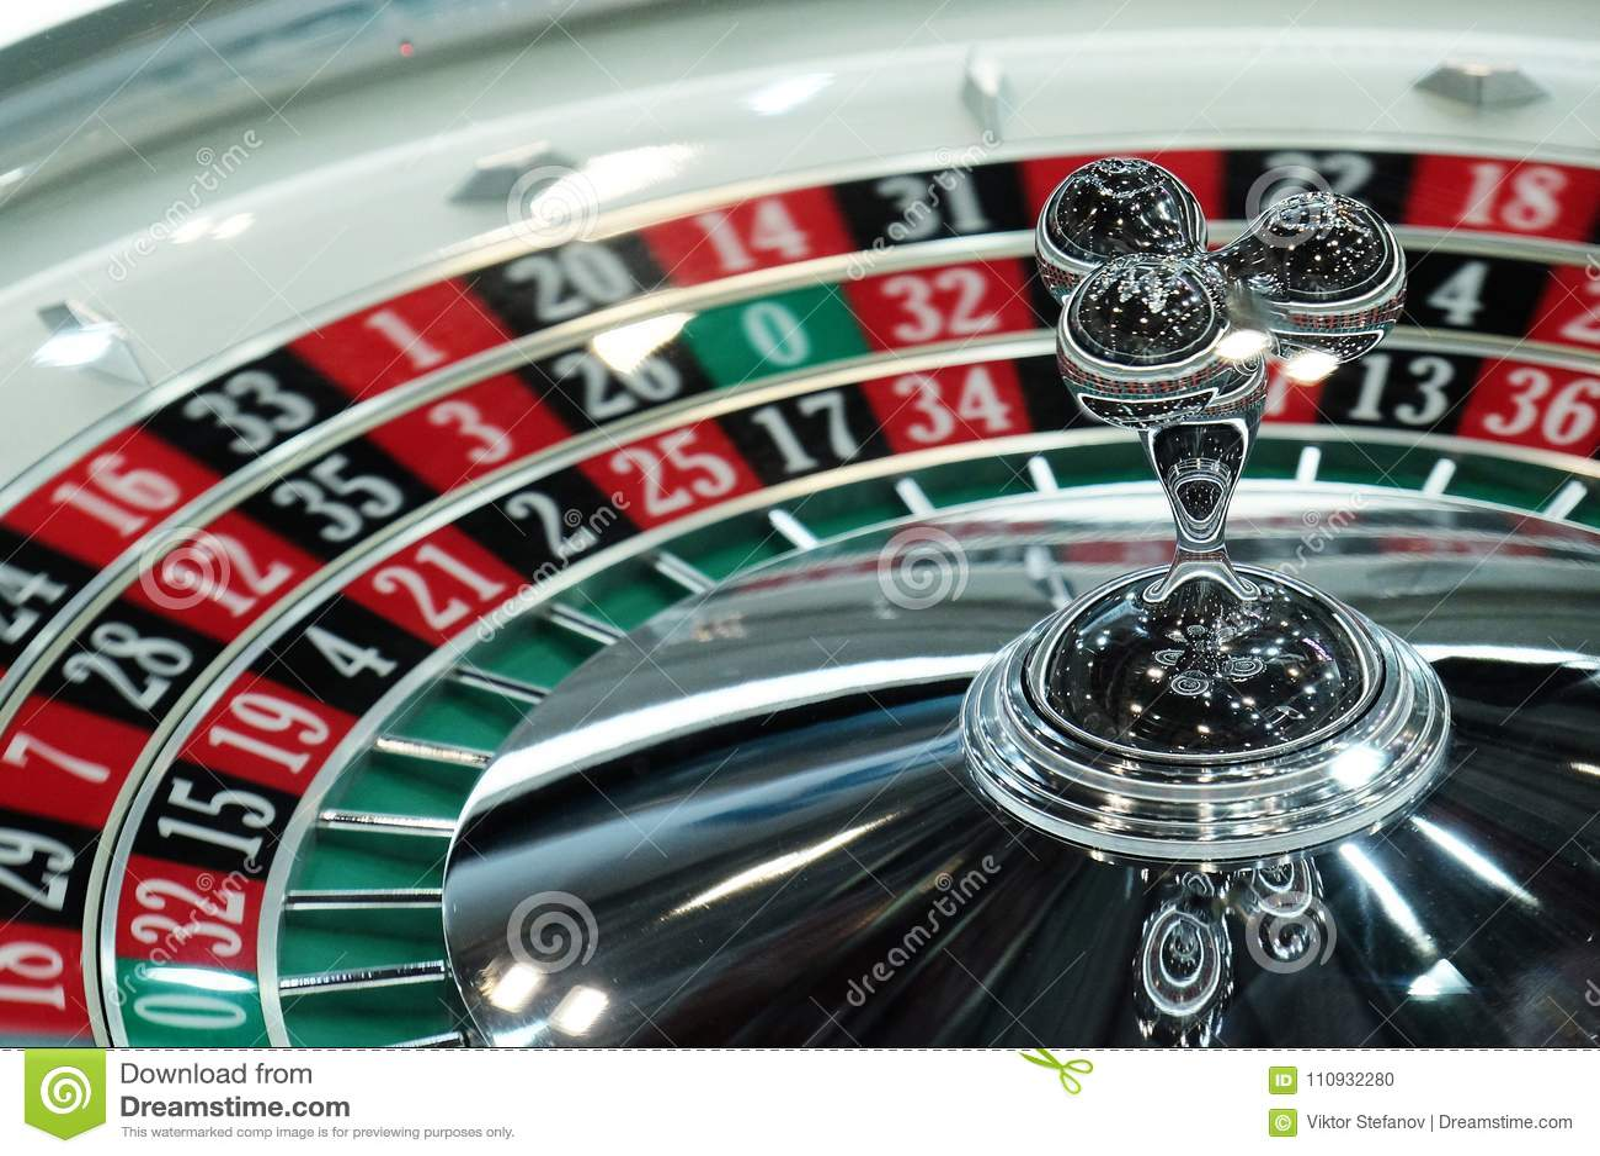 Roulette Automat